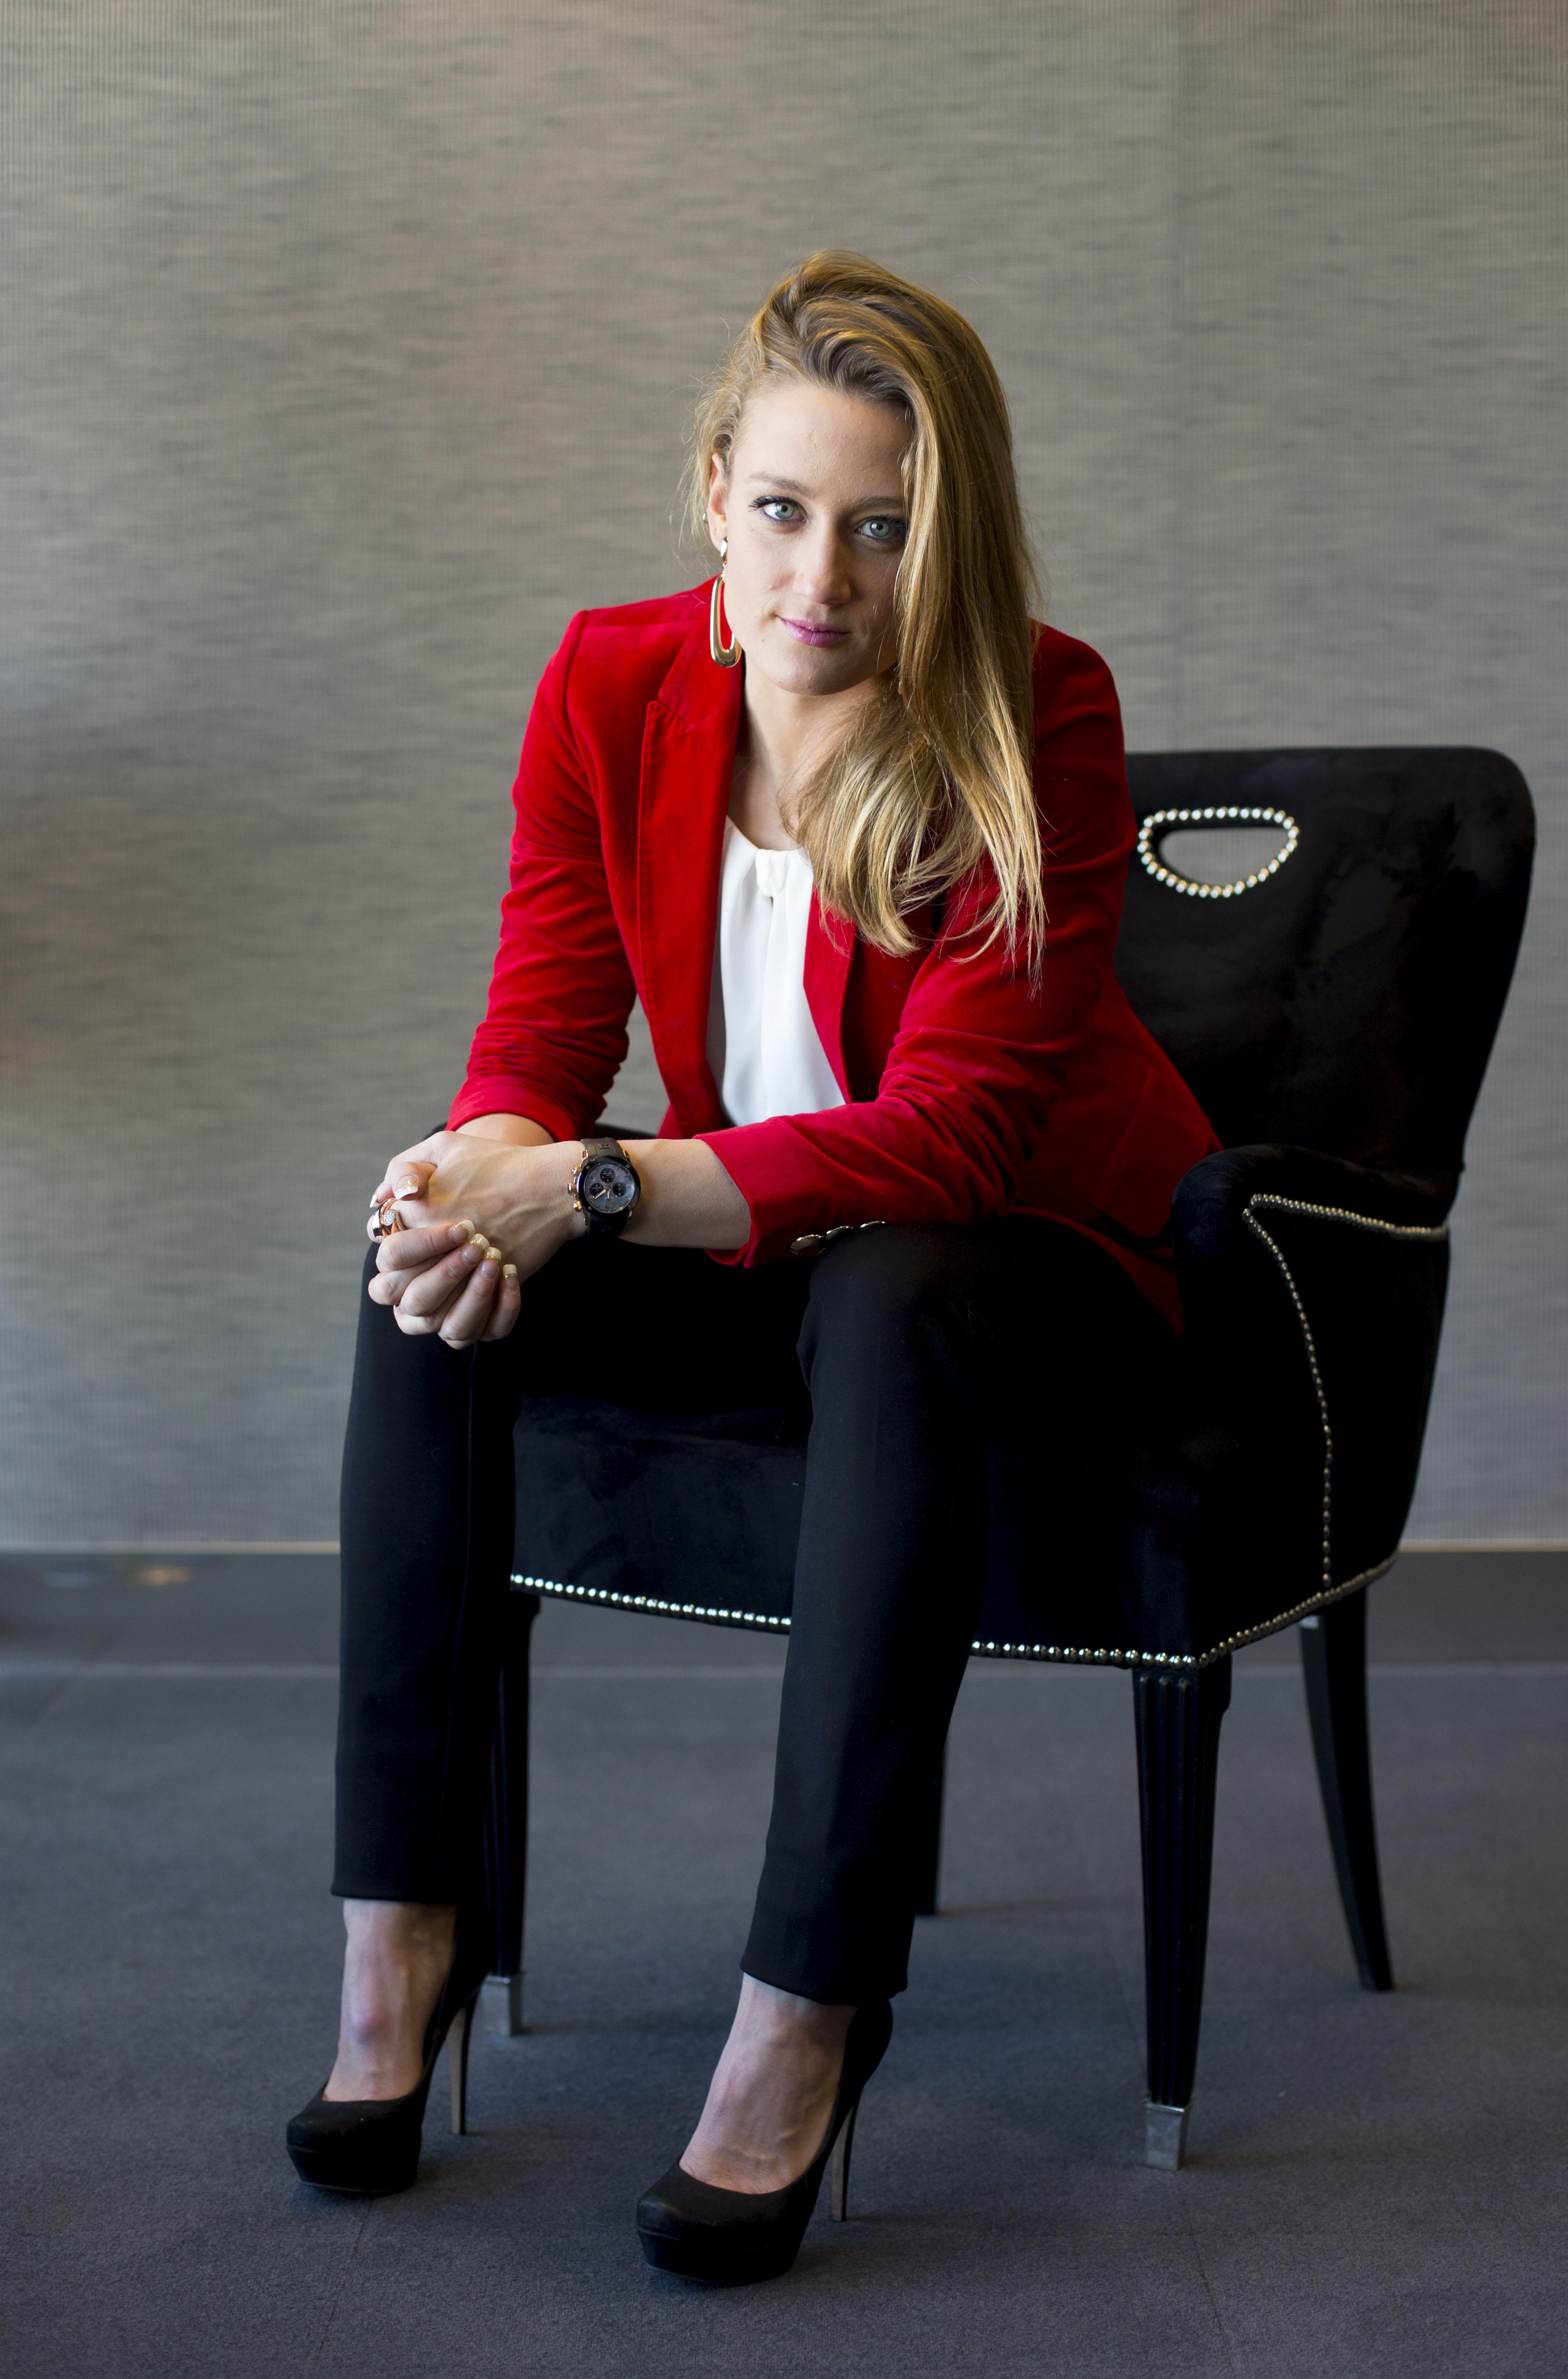 Madrid, 16 de diciembre de 2014. Entrevista a Mireia Belmonte. ARCHDC. Foto: IGNACIO GIL.